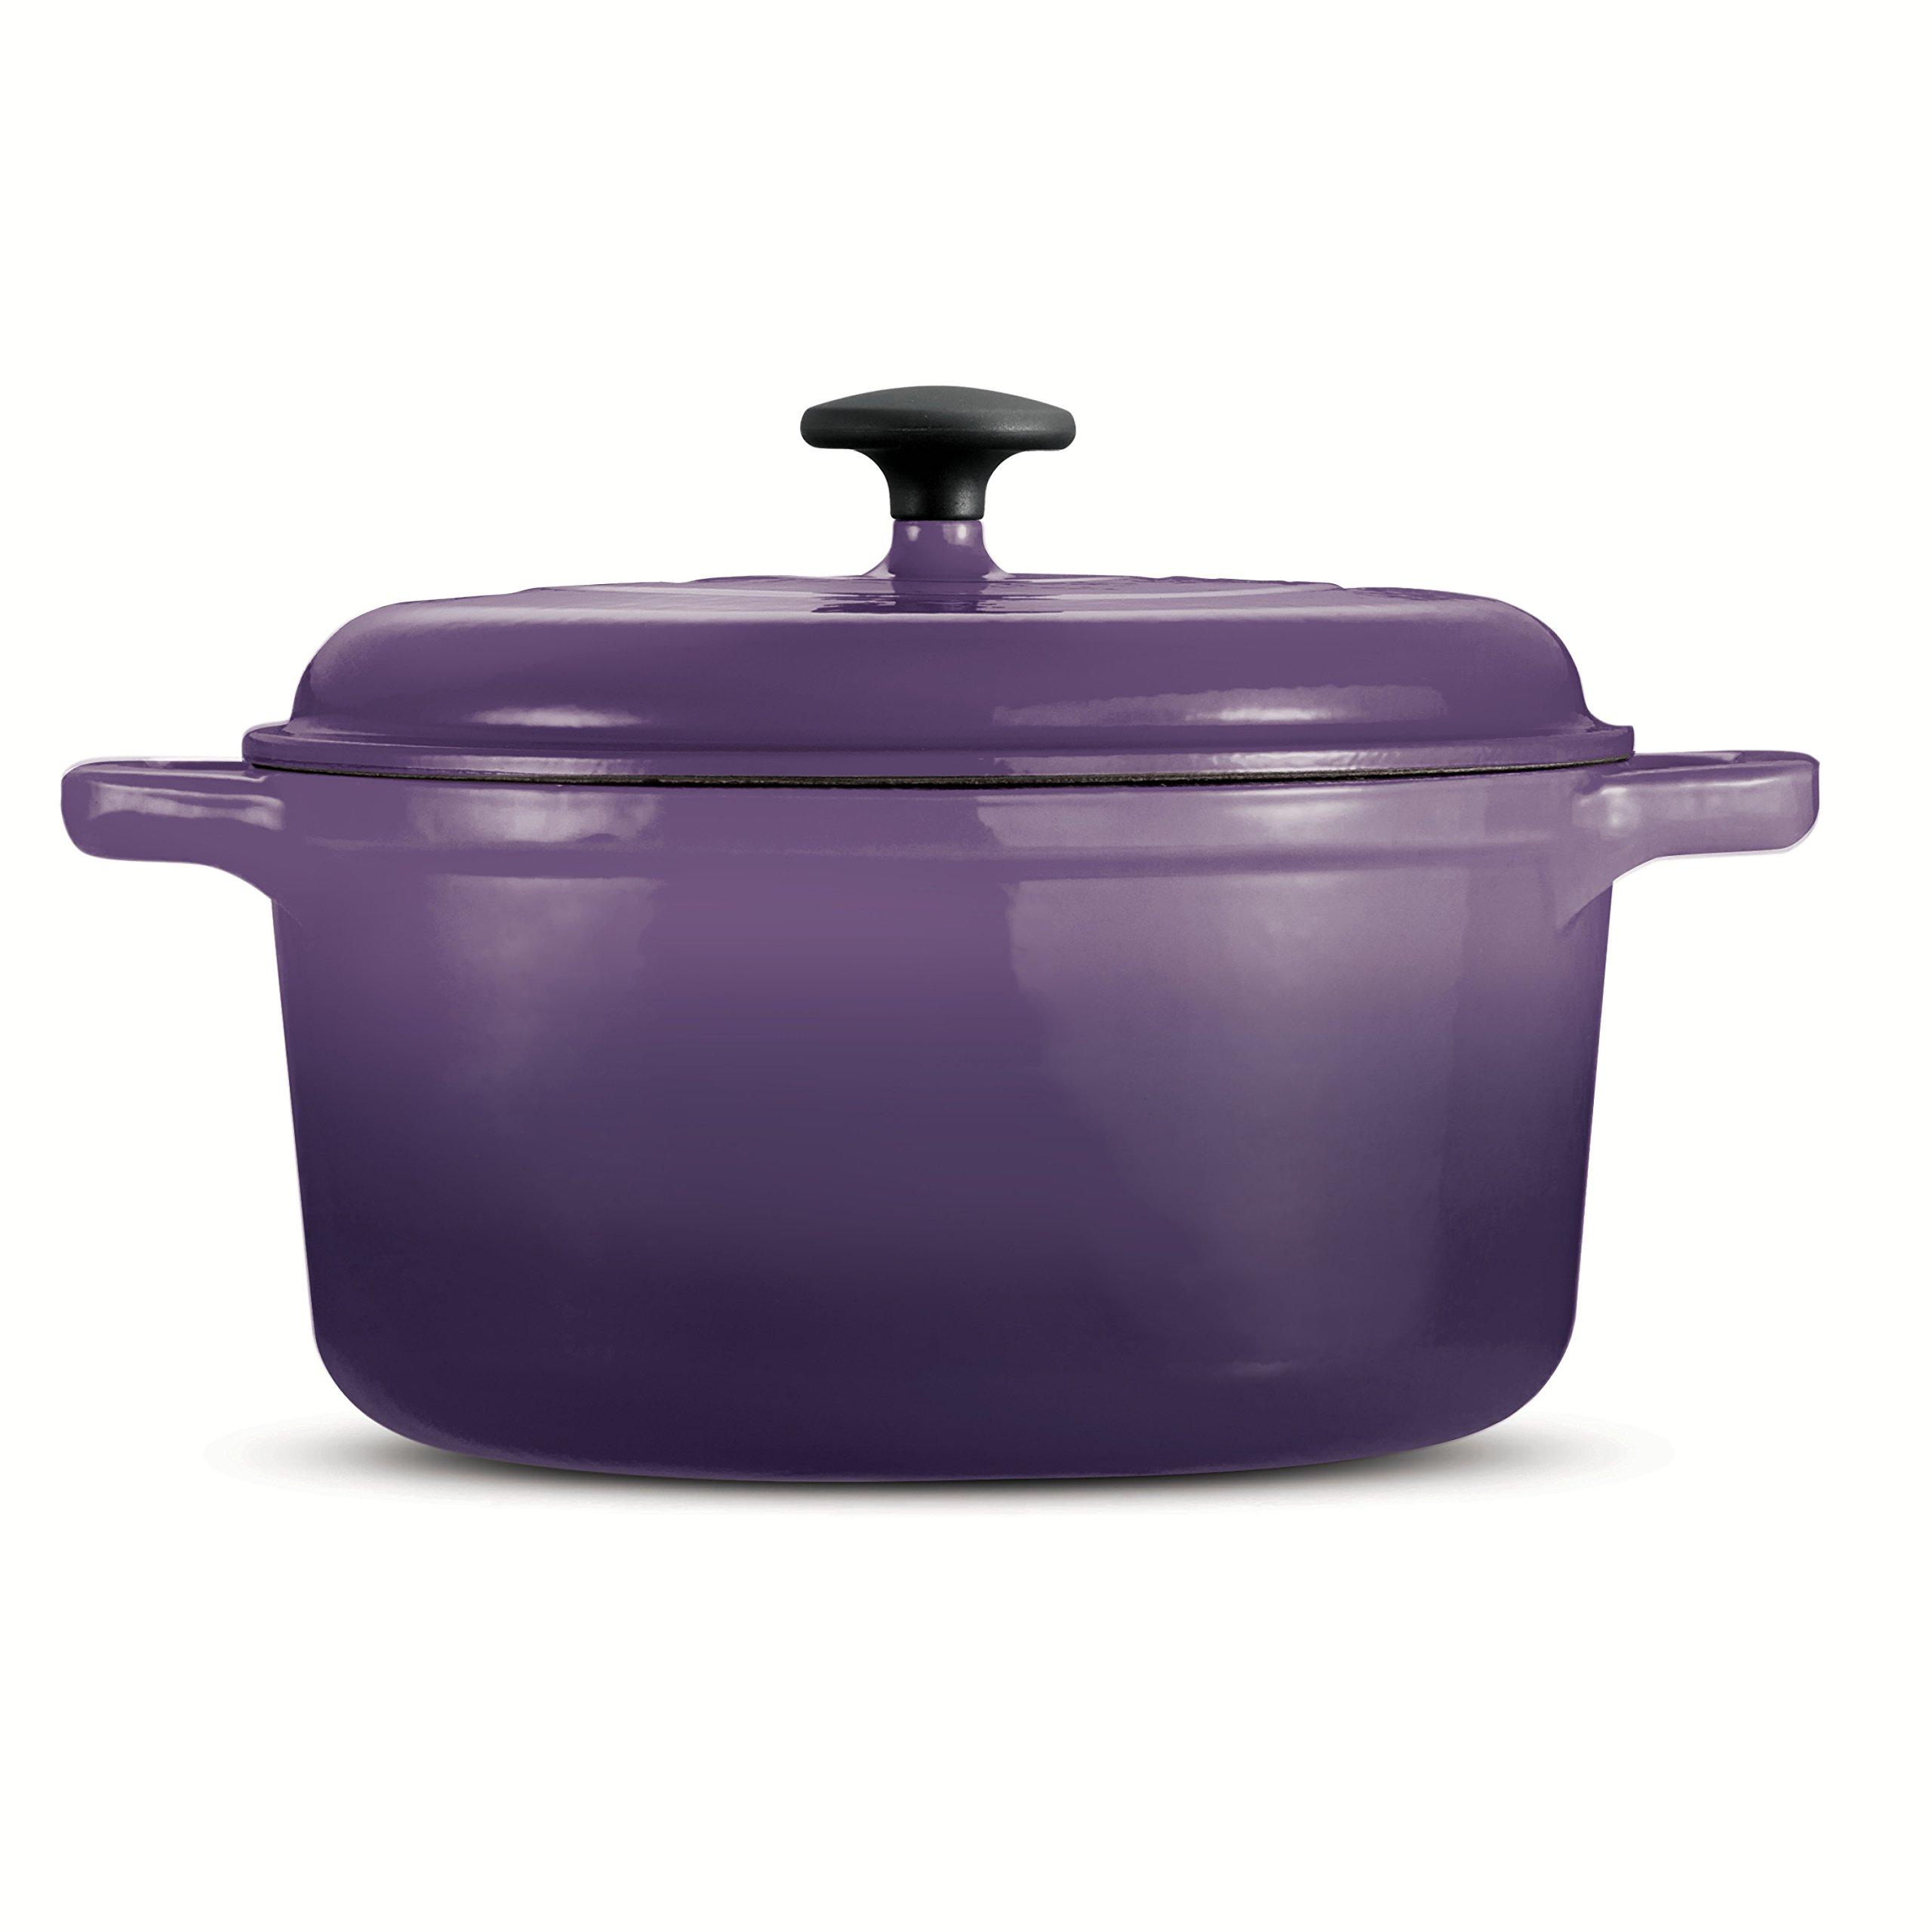 Tramontina 80131/633DS Style Porcelain Enamel Cast Iron Dutch Oven, 6.5 Quart, Purple